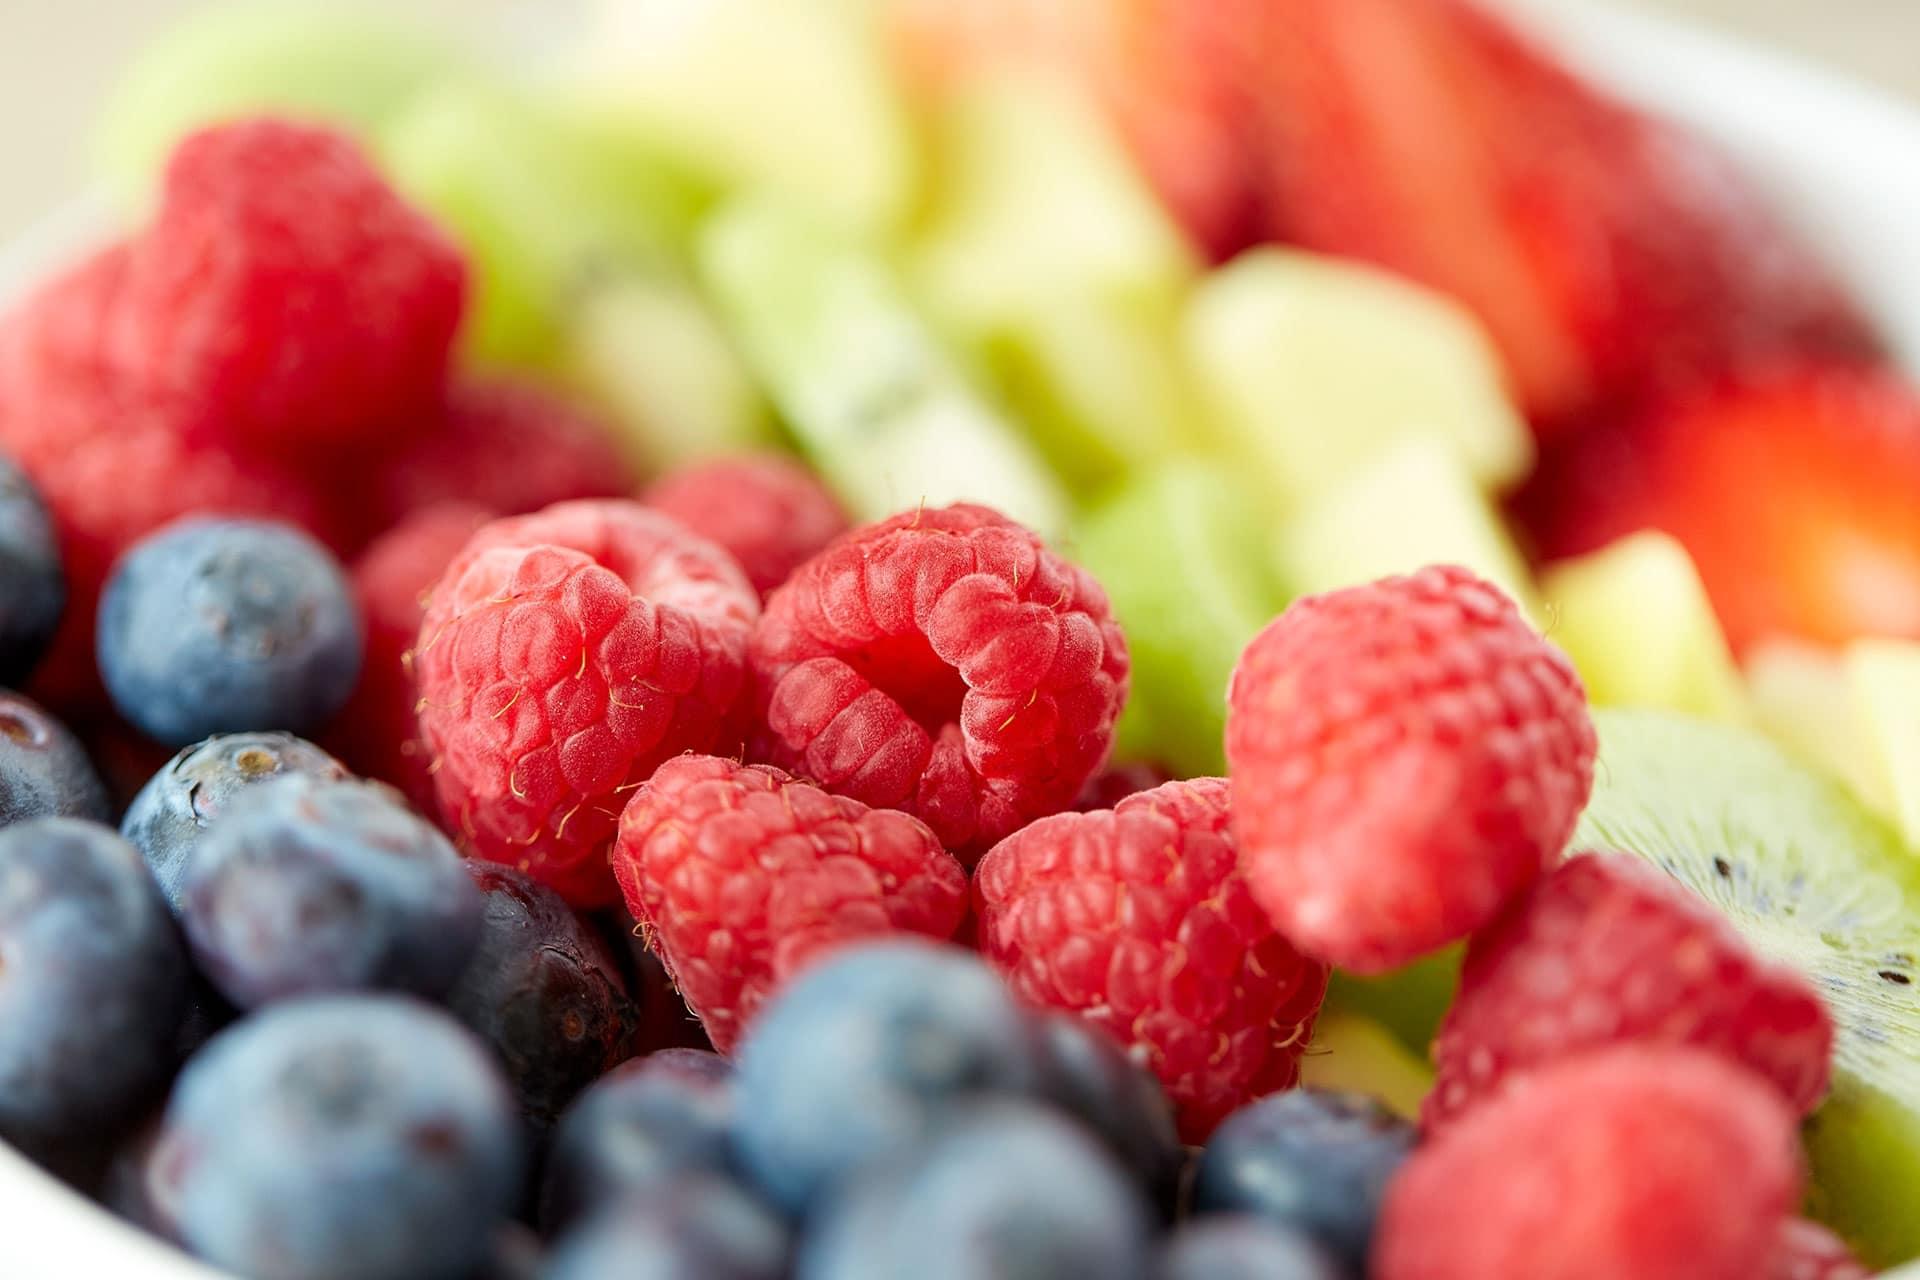 Agrose - pasirano voće